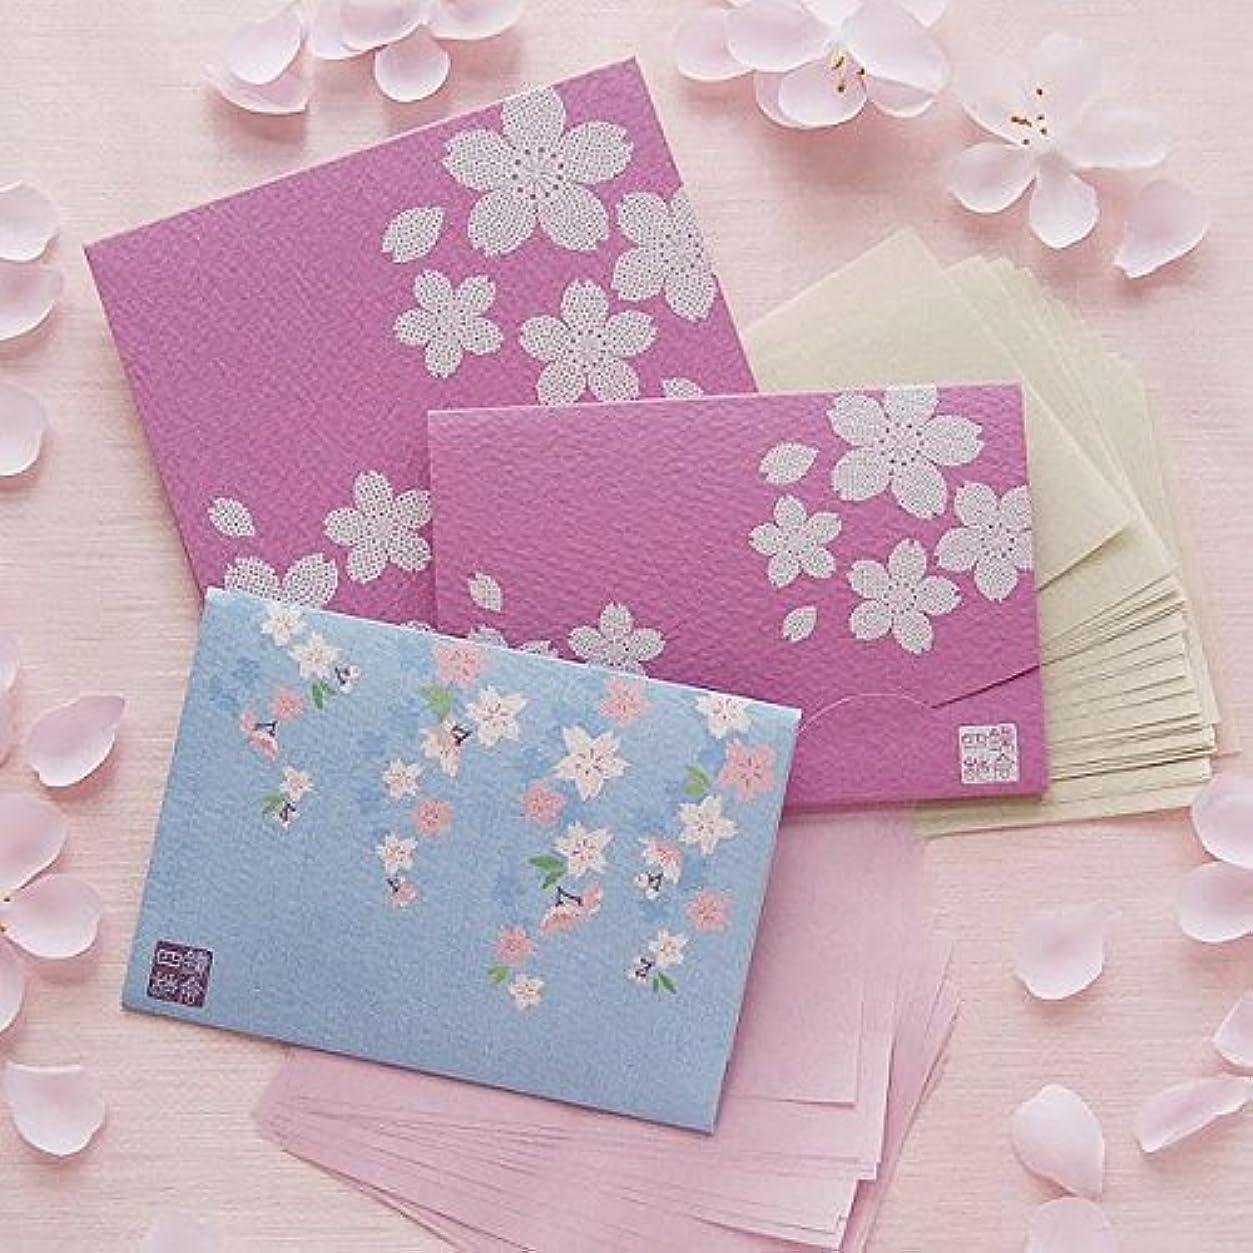 懲戒穴鋼鎌倉四葩あぶらとり紙 「桜?さくらセット」